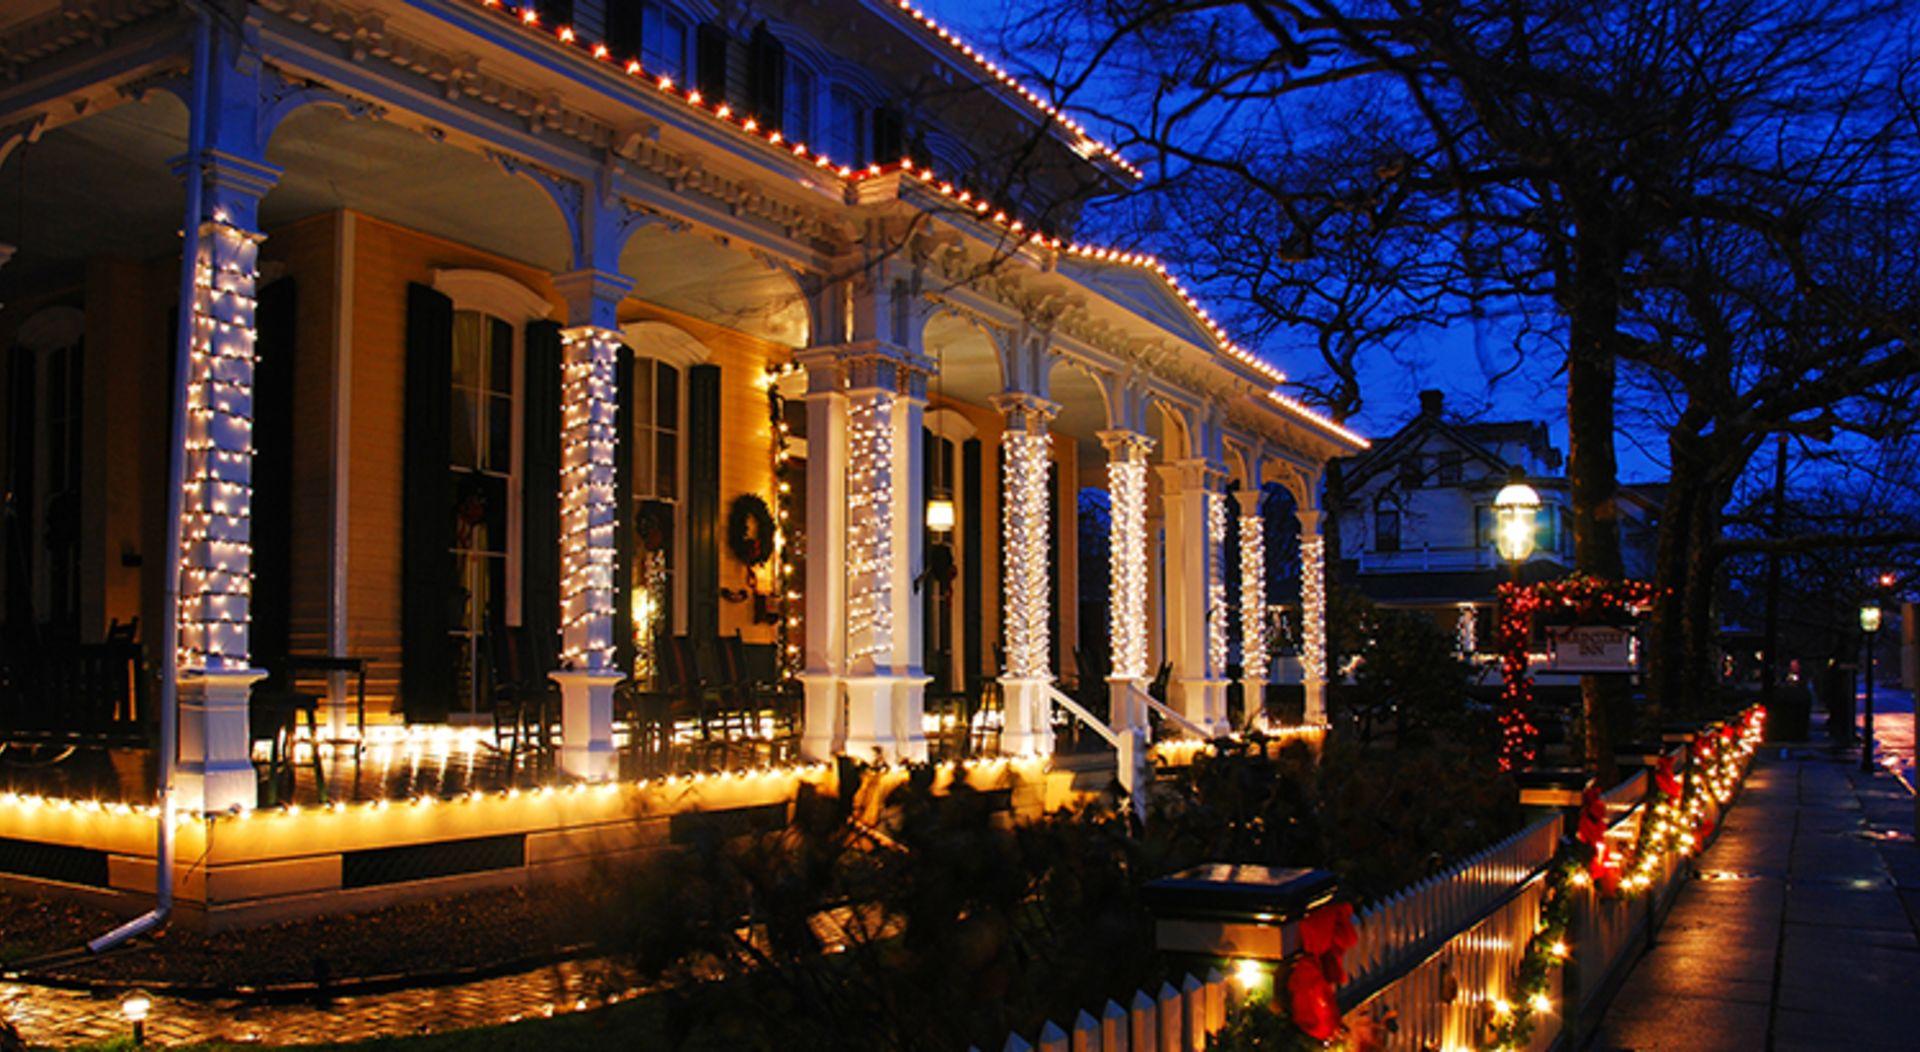 Holiday Lighting Installation Costs